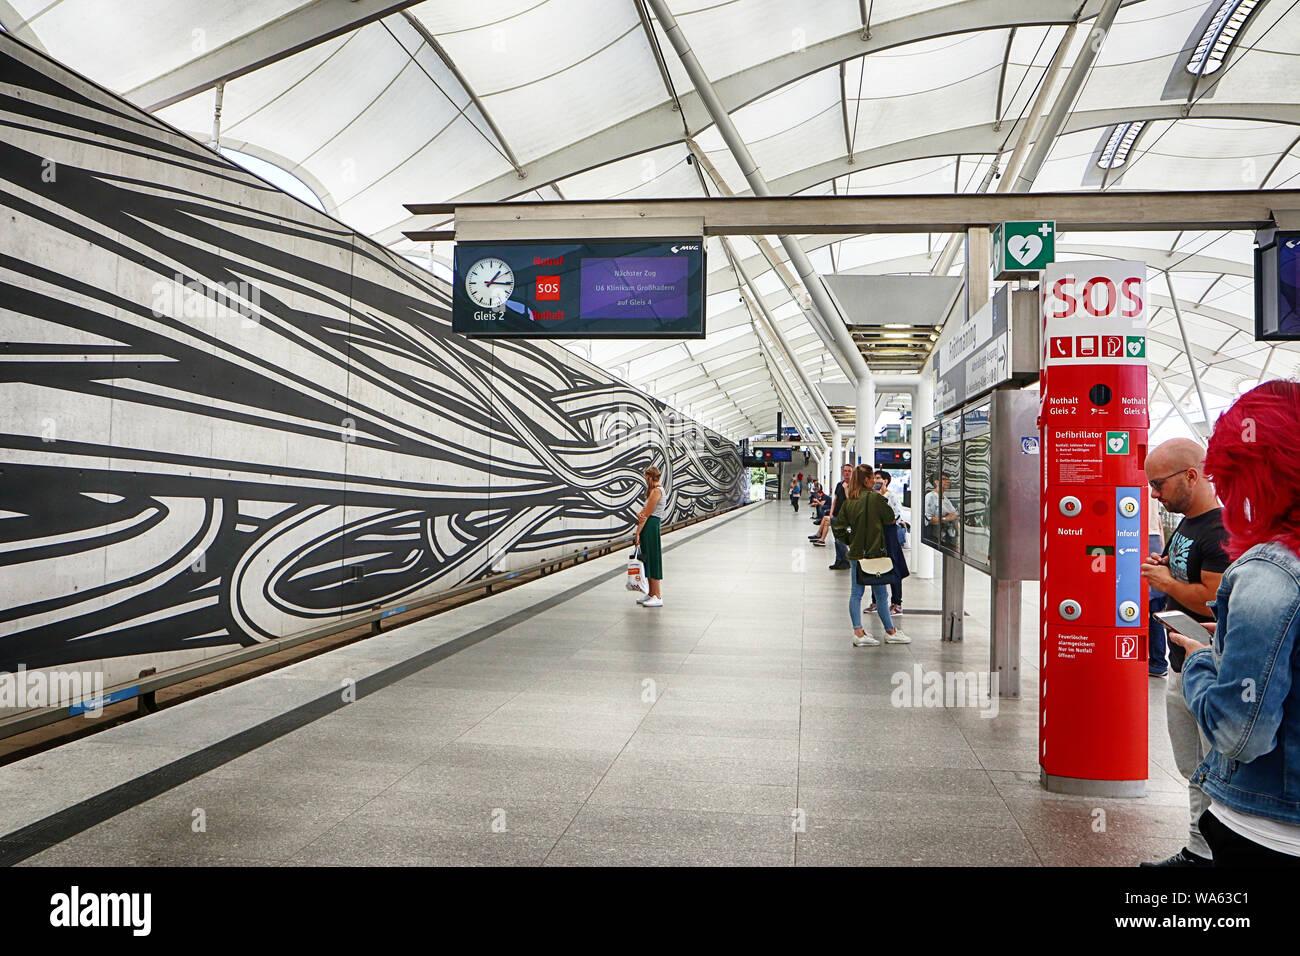 MUNICH, ALLEMAGNE - le 16 août 2019, la station de métro de Munich-Froettmaning près d'Allianz Arena est un important point de rencontre pour les amateurs de football Banque D'Images